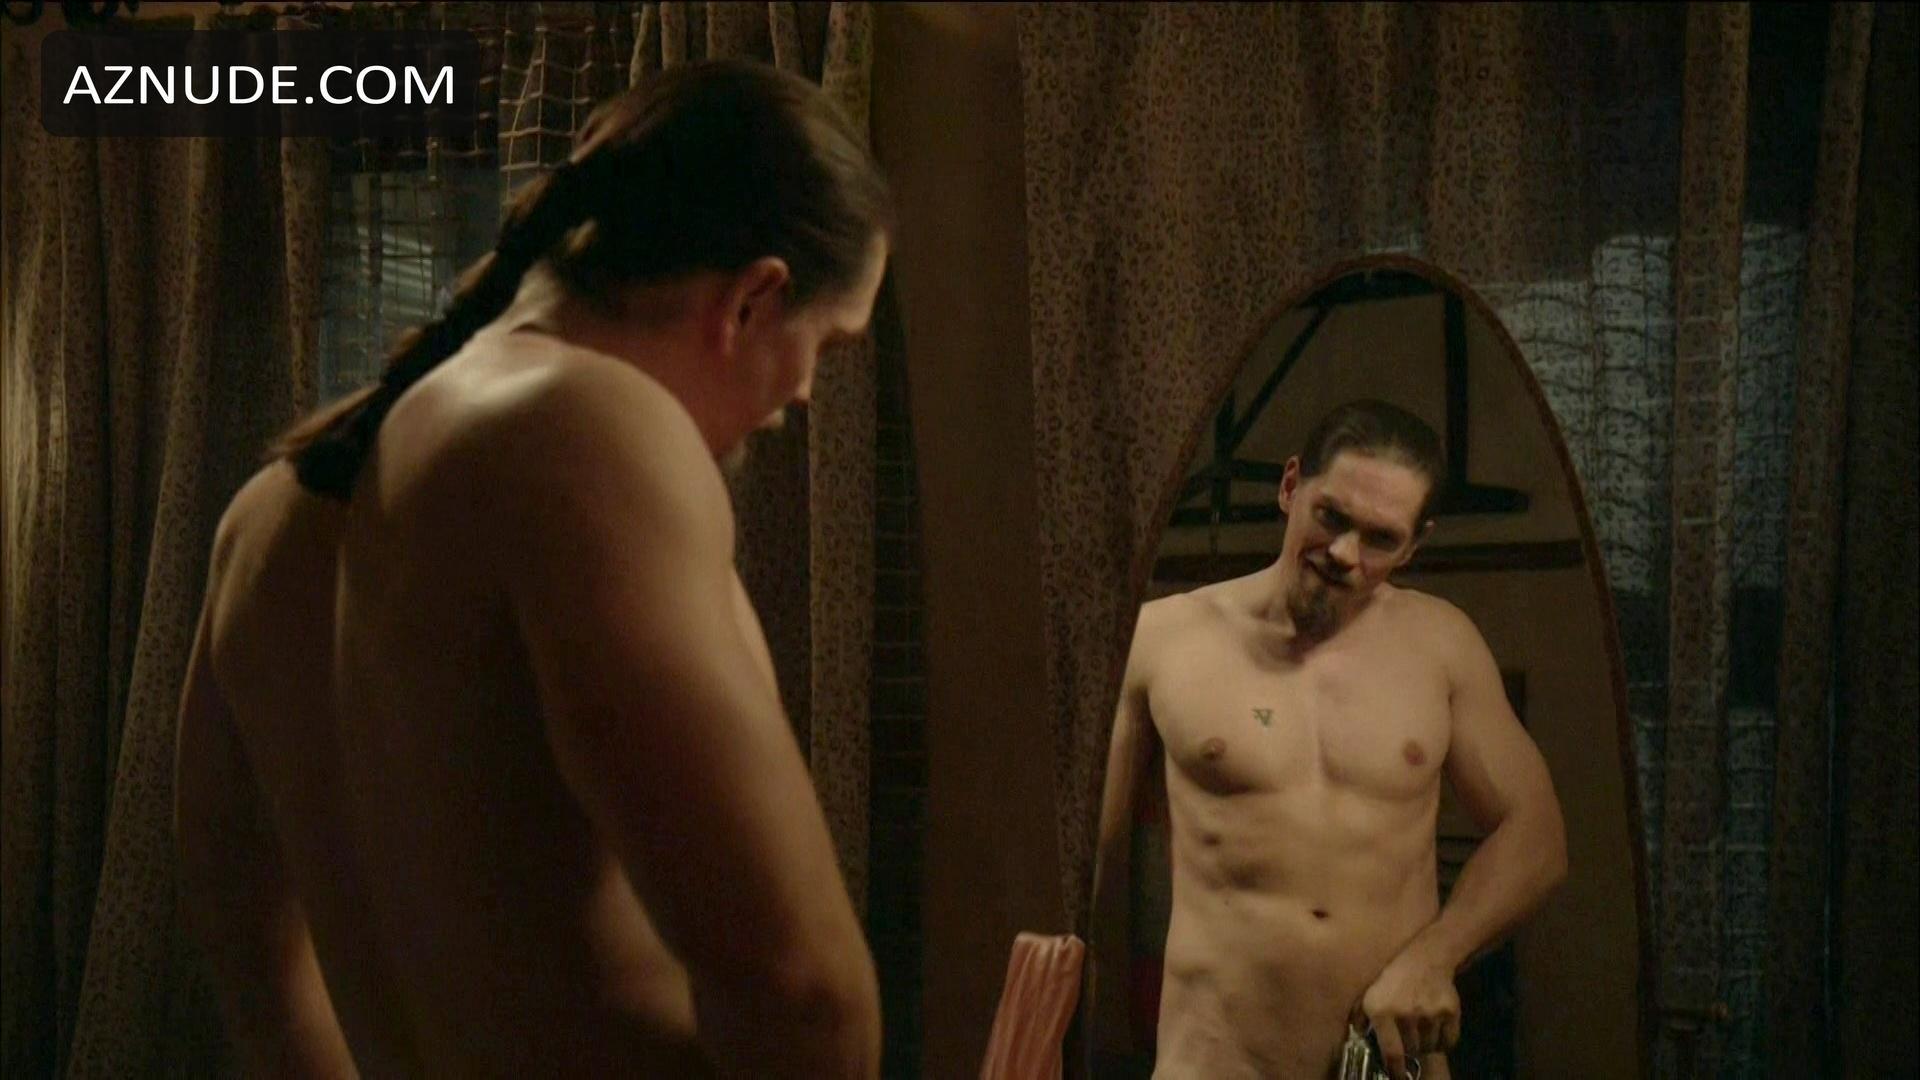 Nude Shameless Naked Guy Pics